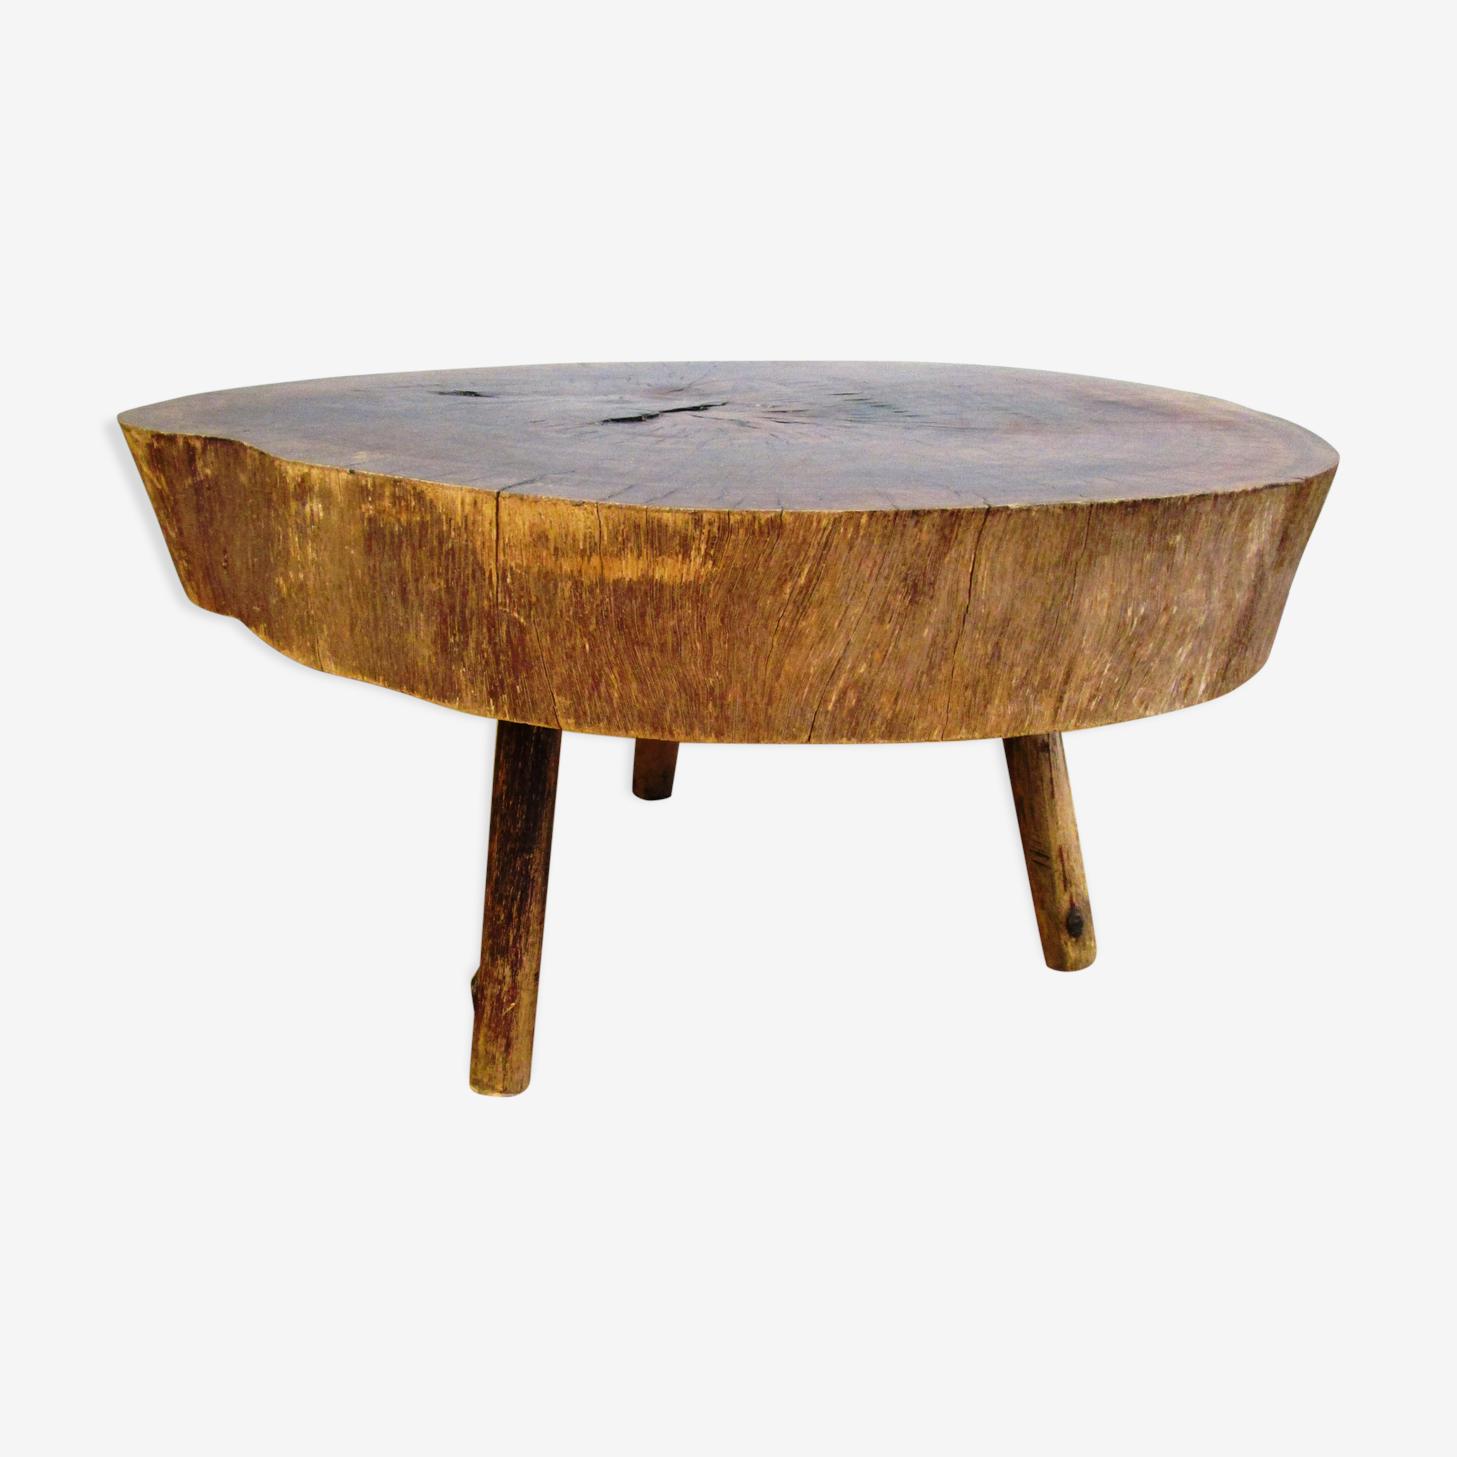 Table basse tripode rondin bois massif des années 60 70